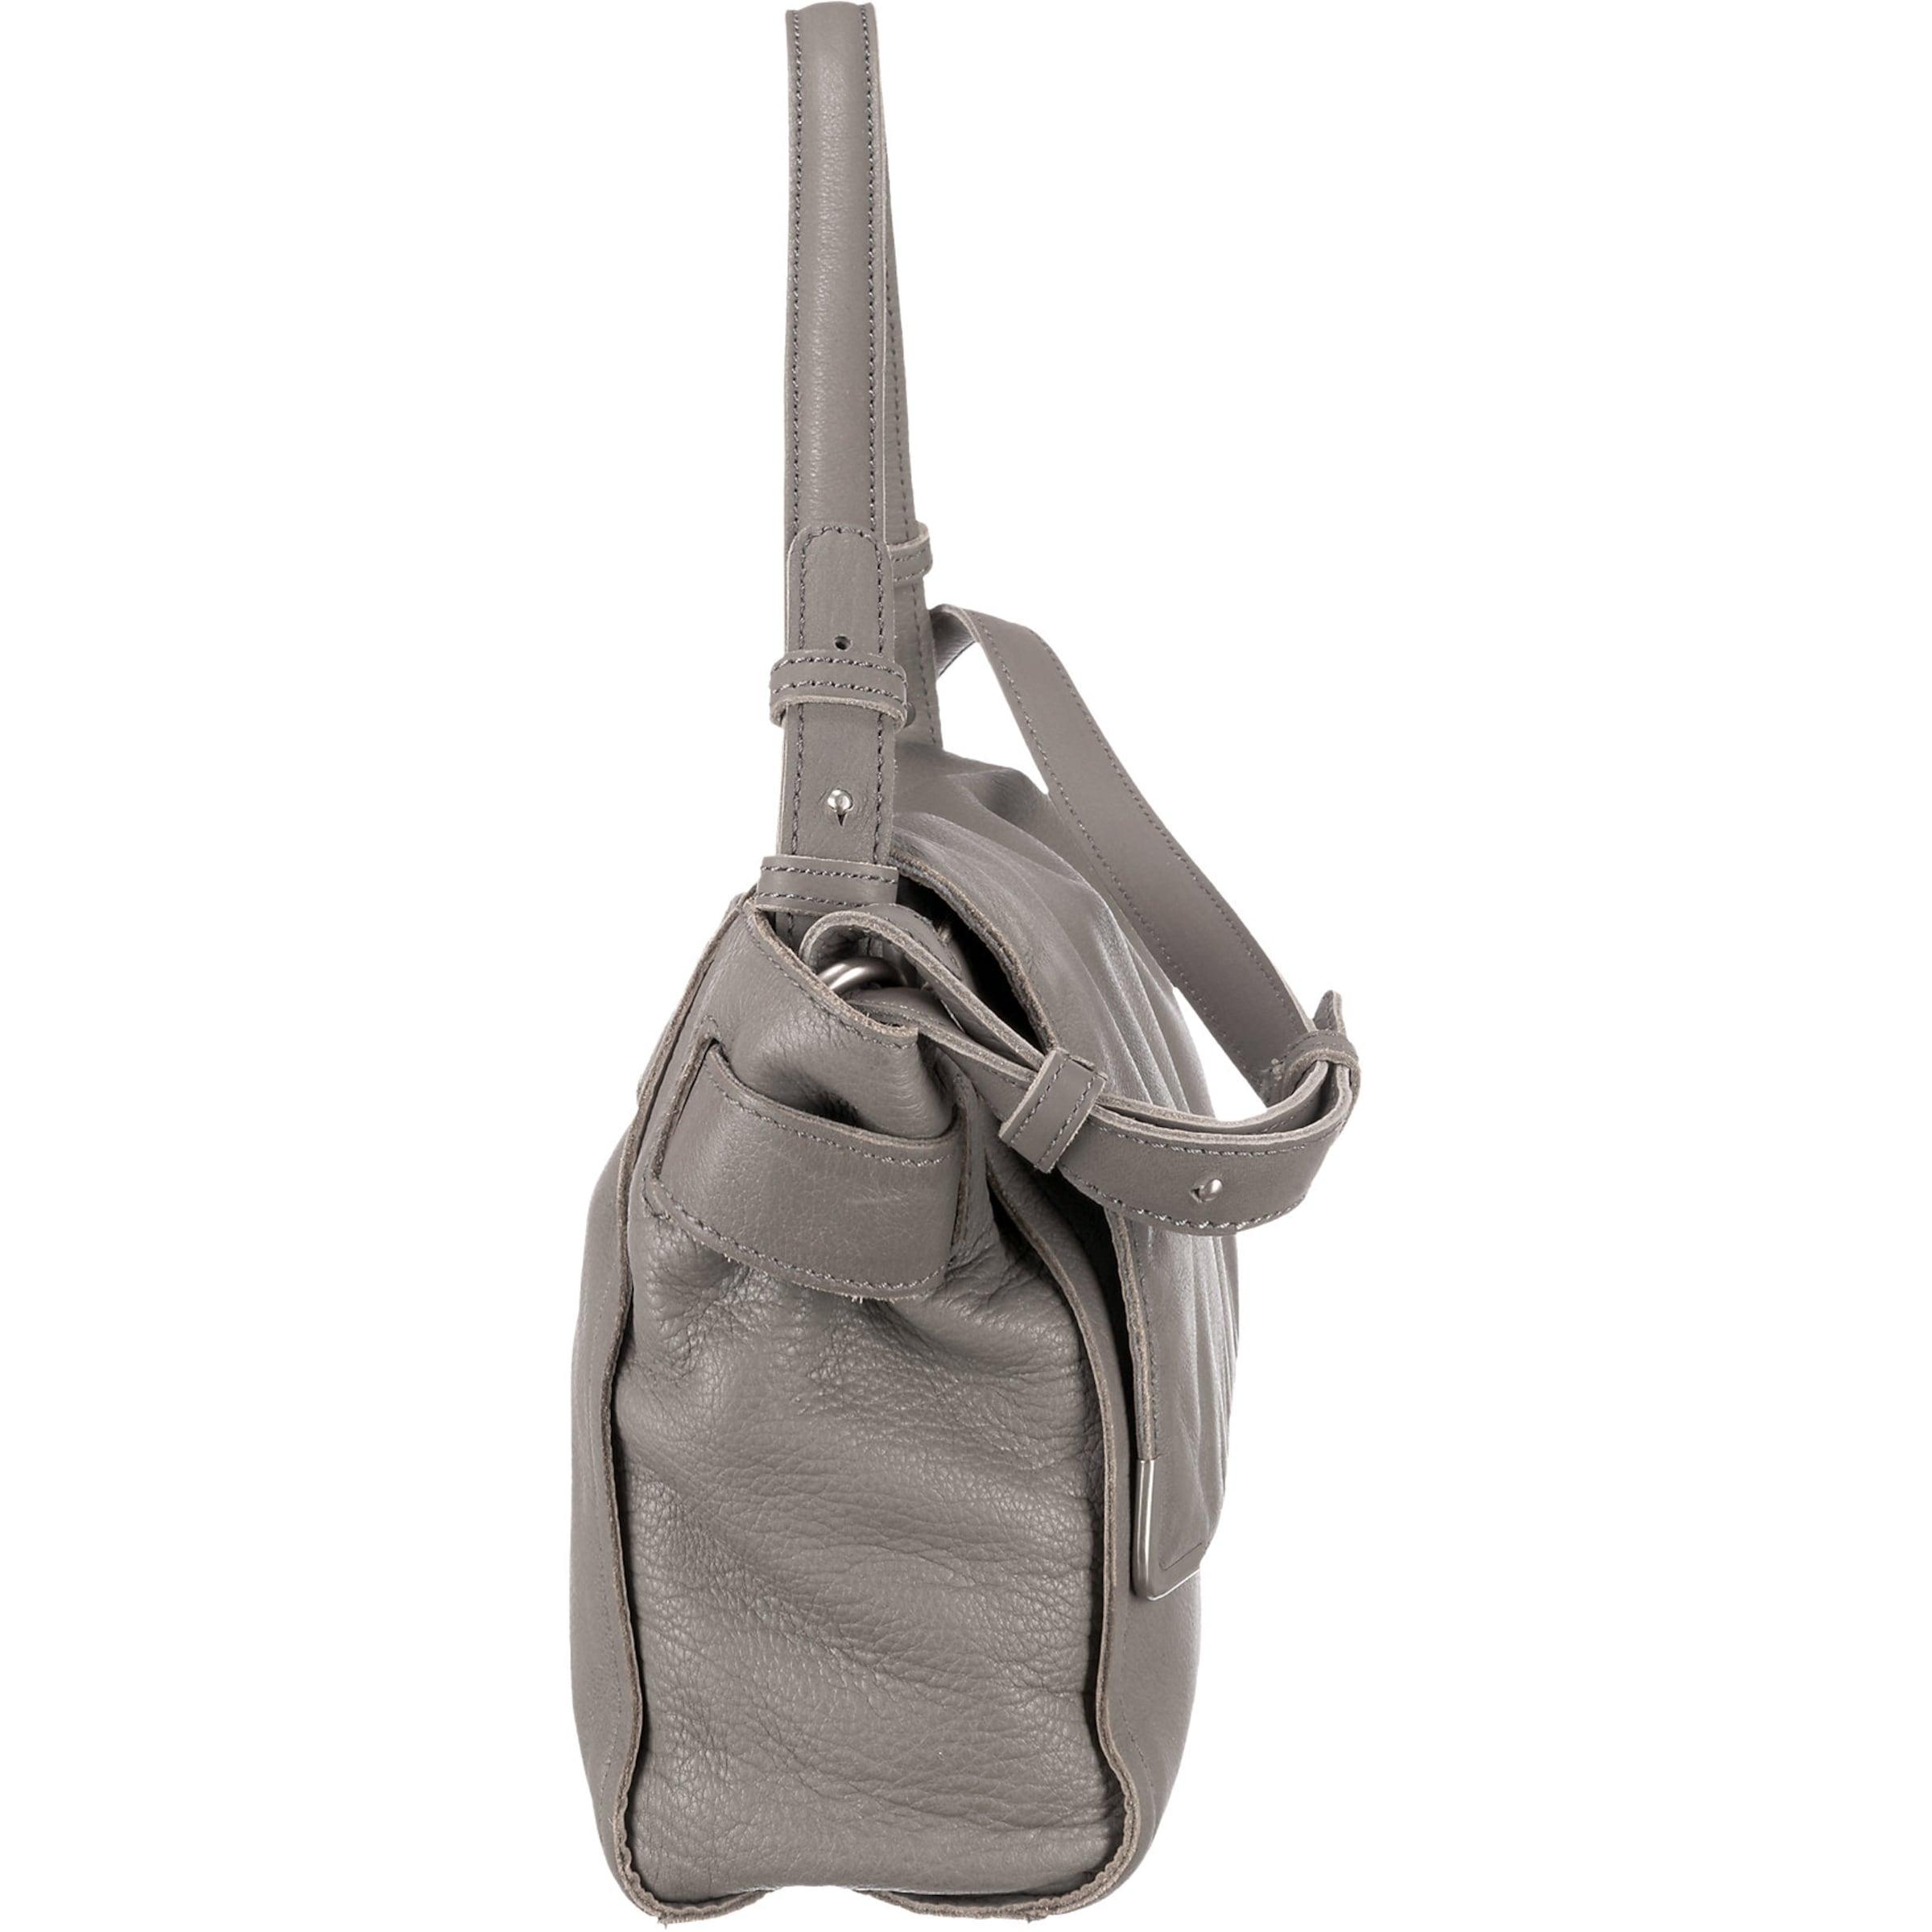 Günstig Kaufen Neue Ankunft Zum Verkauf Rabatt Verkauf Marc O'Polo Twentyone Handtasche Große Überraschung Zu Verkaufen Suche Zum Verkauf FMmfeoHFv